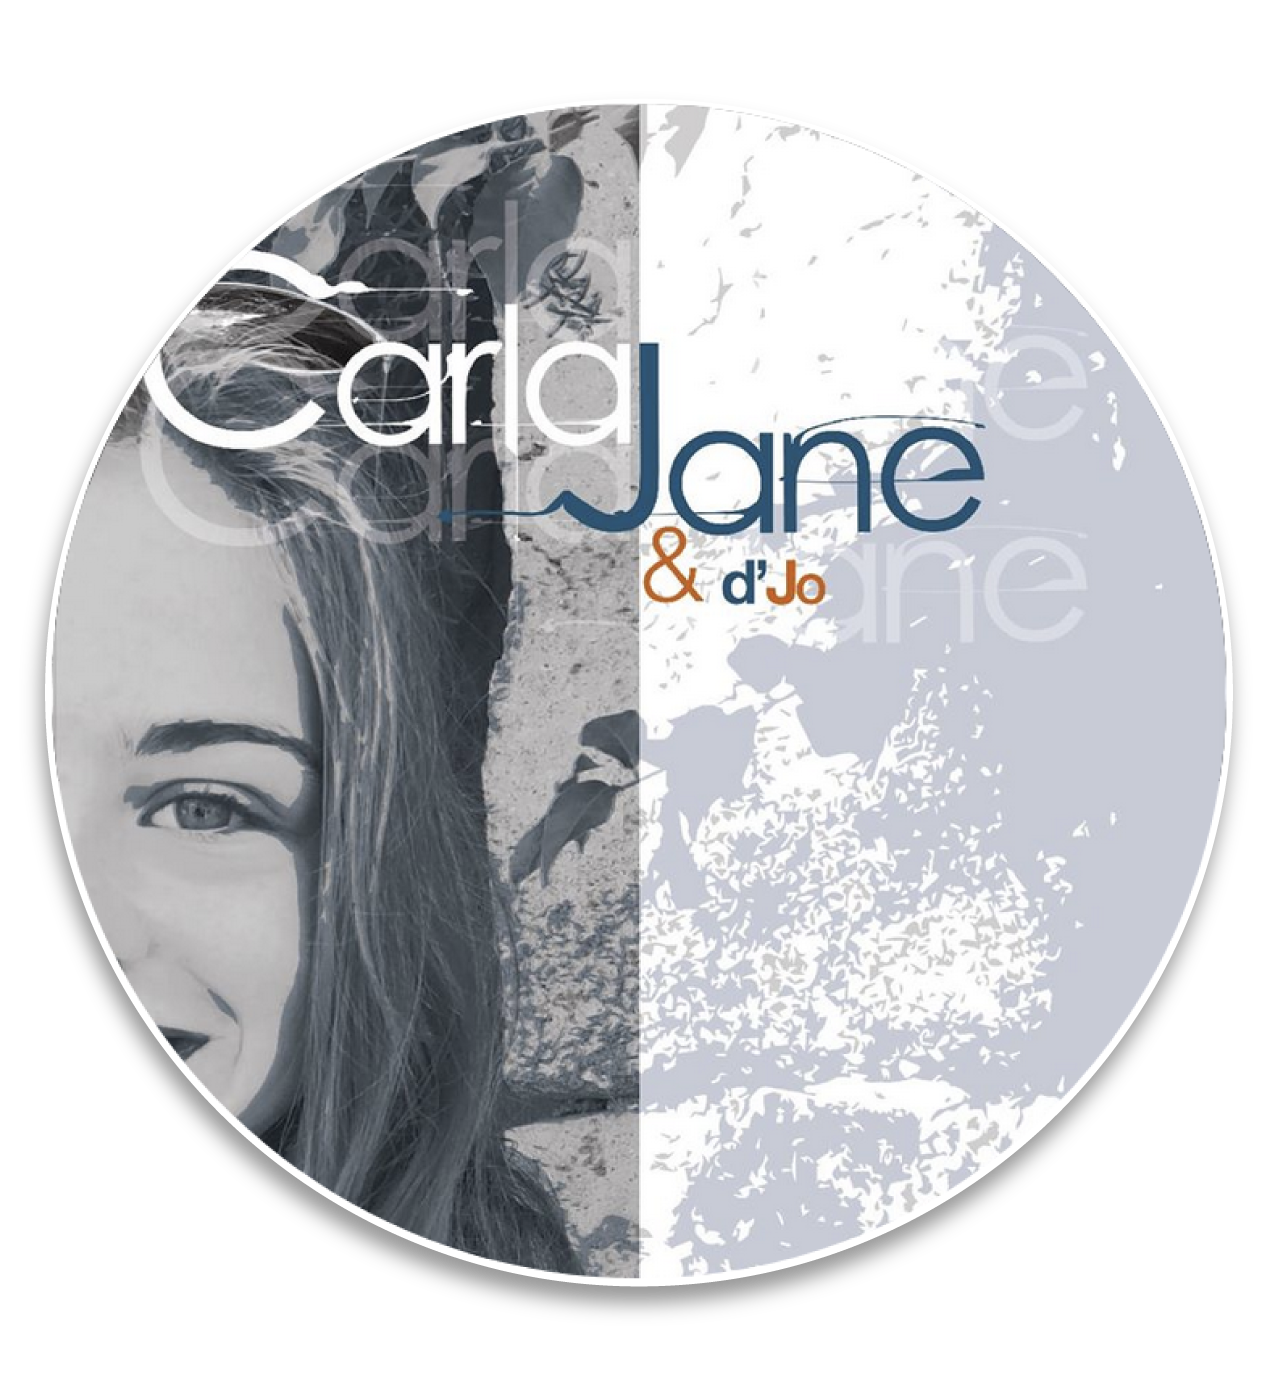 Carla Jane & Jo